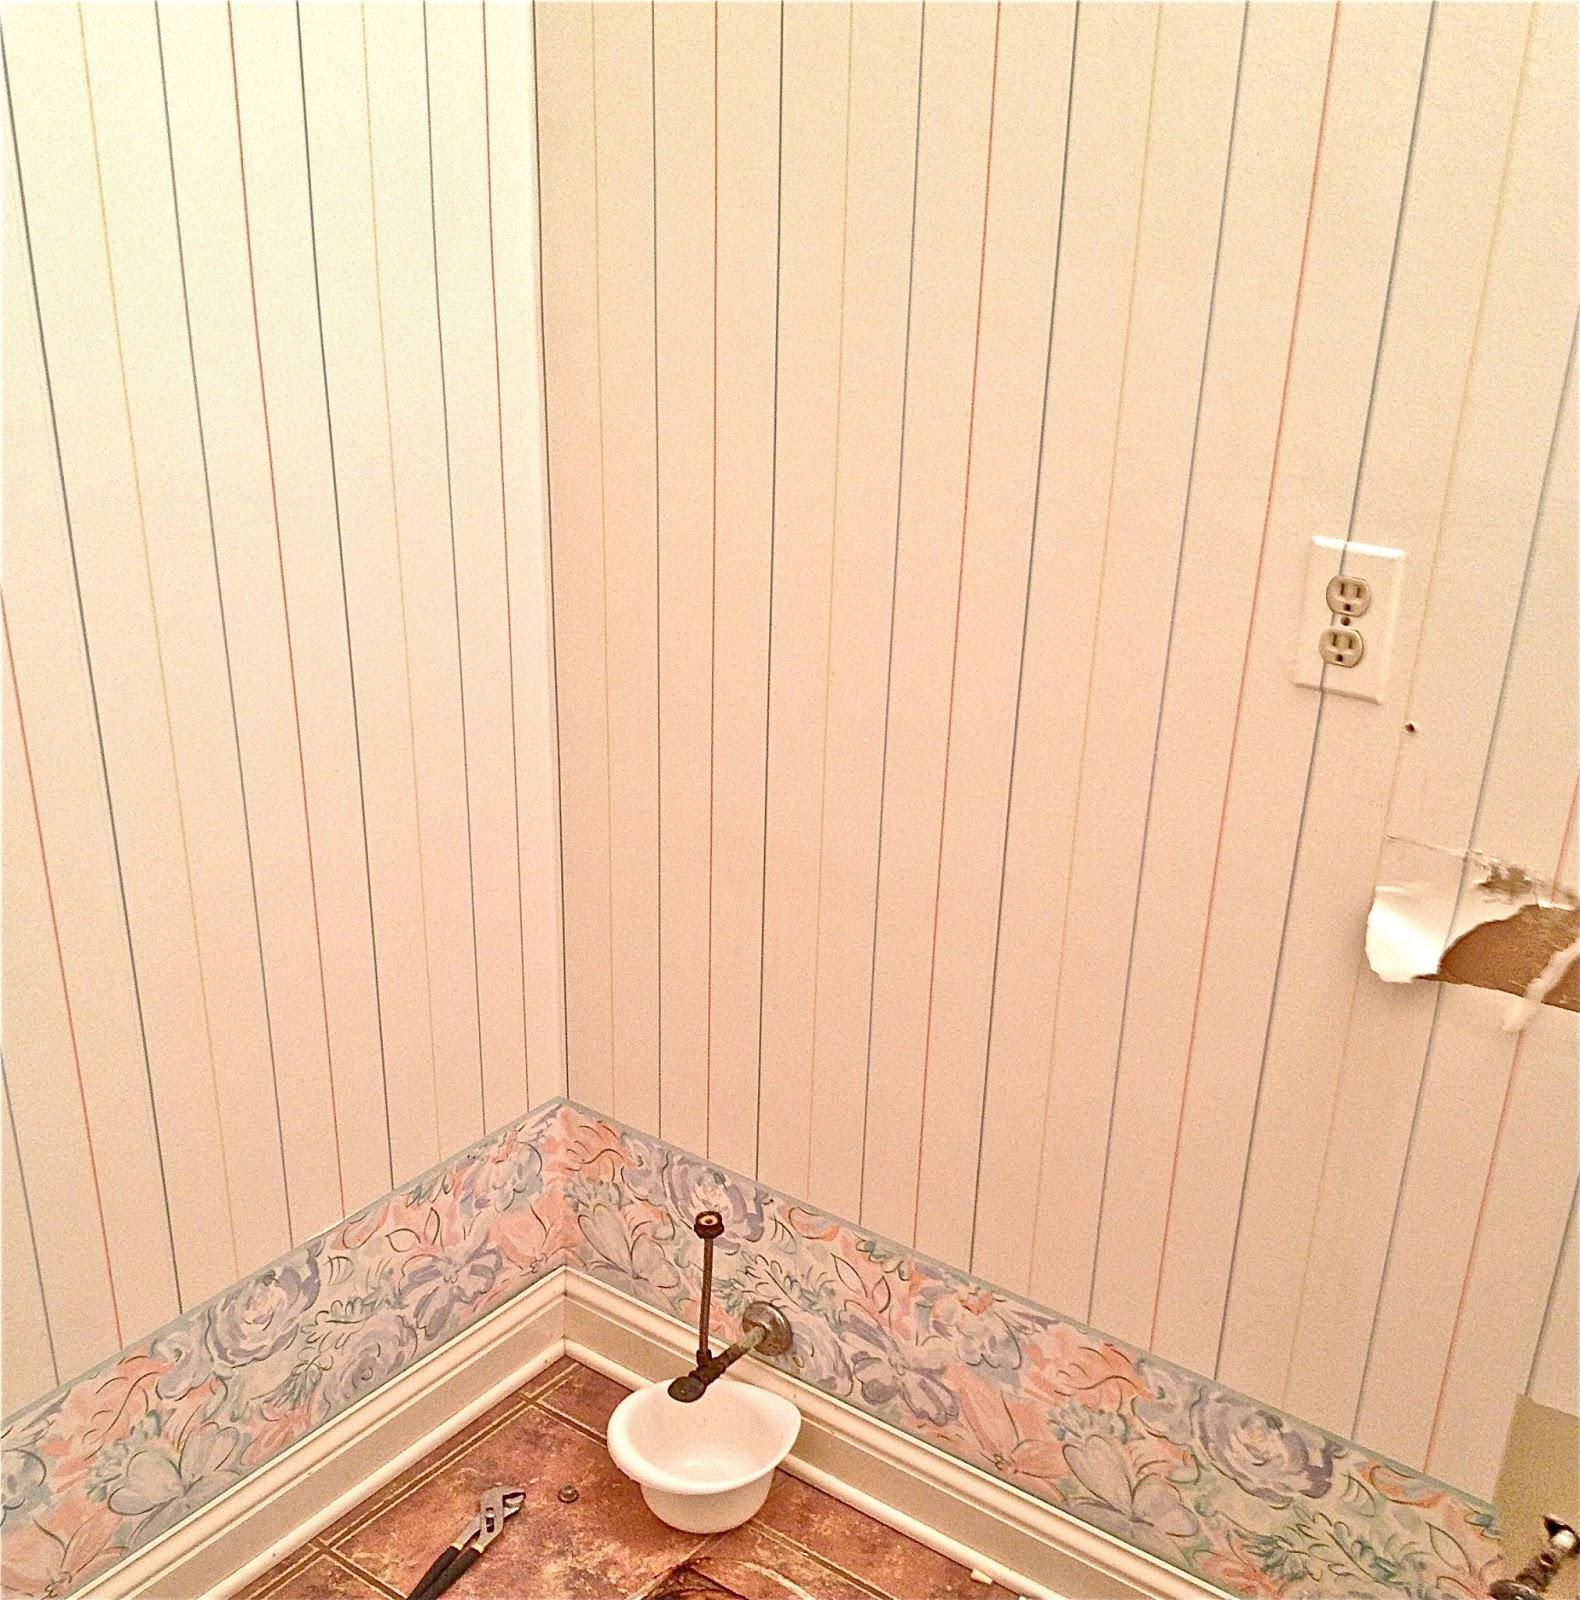 Guest Bathroom Wainscoting over Wallpaper Ocean Front Shack 1580x1600